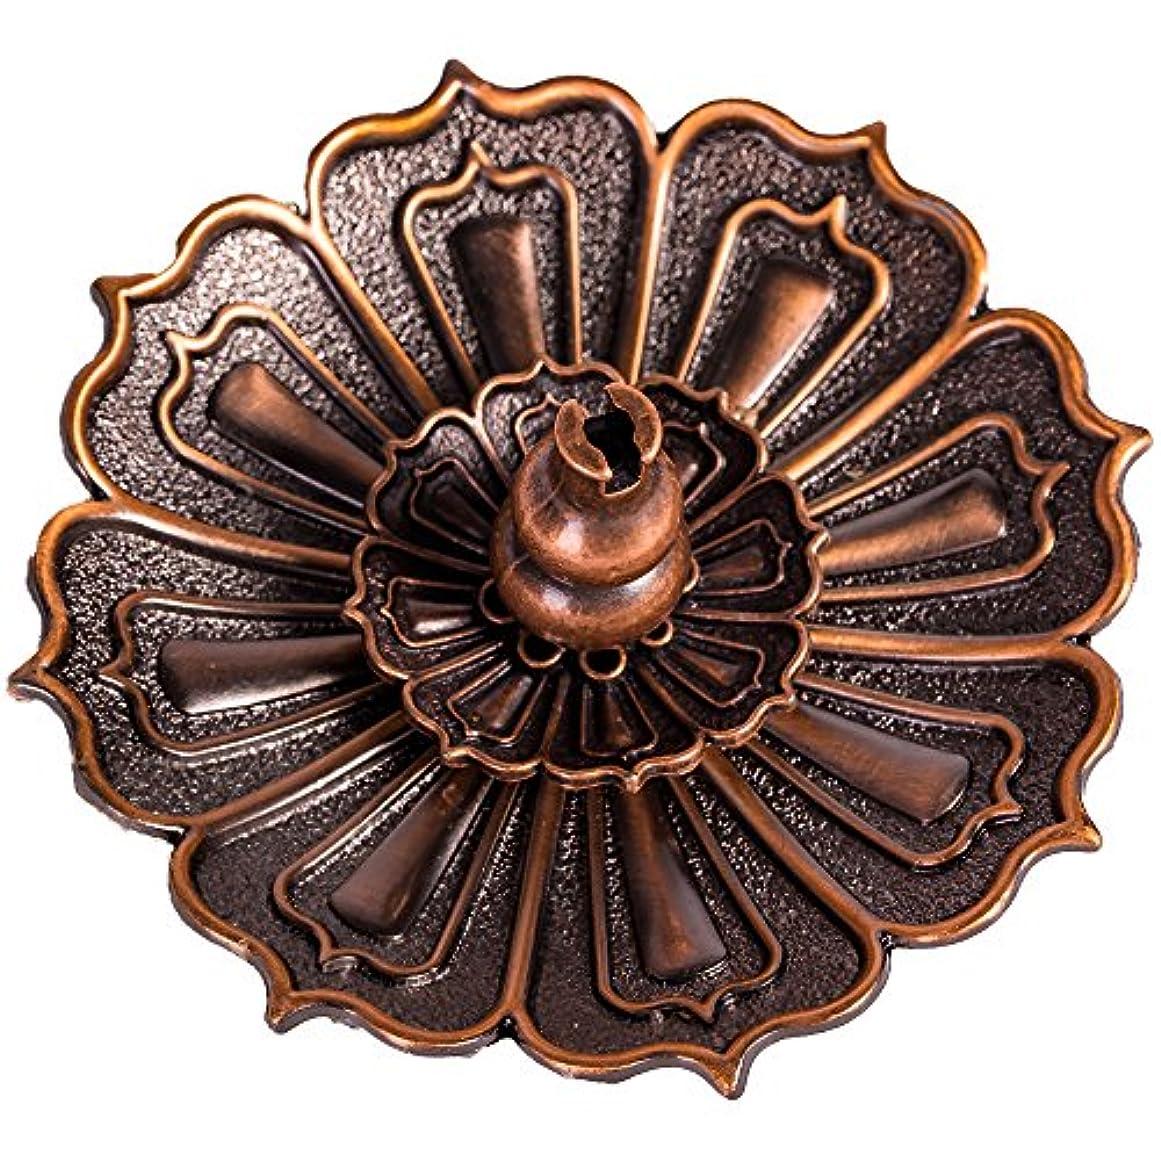 絶壁経験的膨らみshanbentangロータス香炉ホルダーfor Sticks Cones Coils Incense、ヴィンテージスタイル、銅色